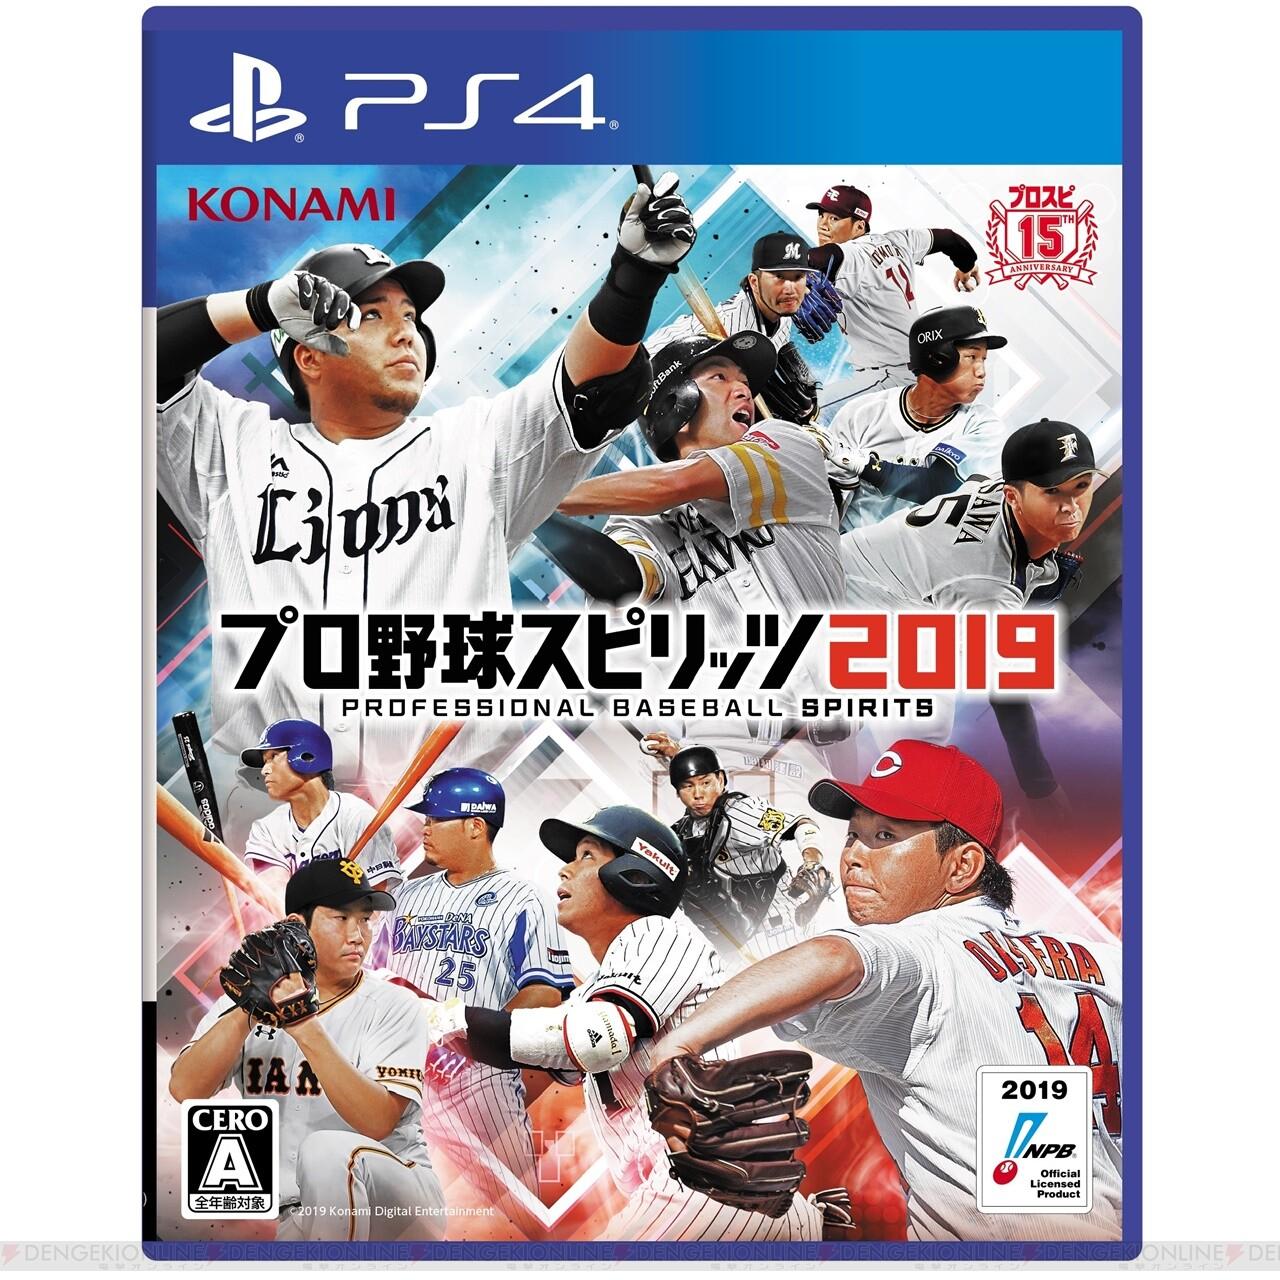 永尾まりさん市川美織さん原あや香さんがプロ野球